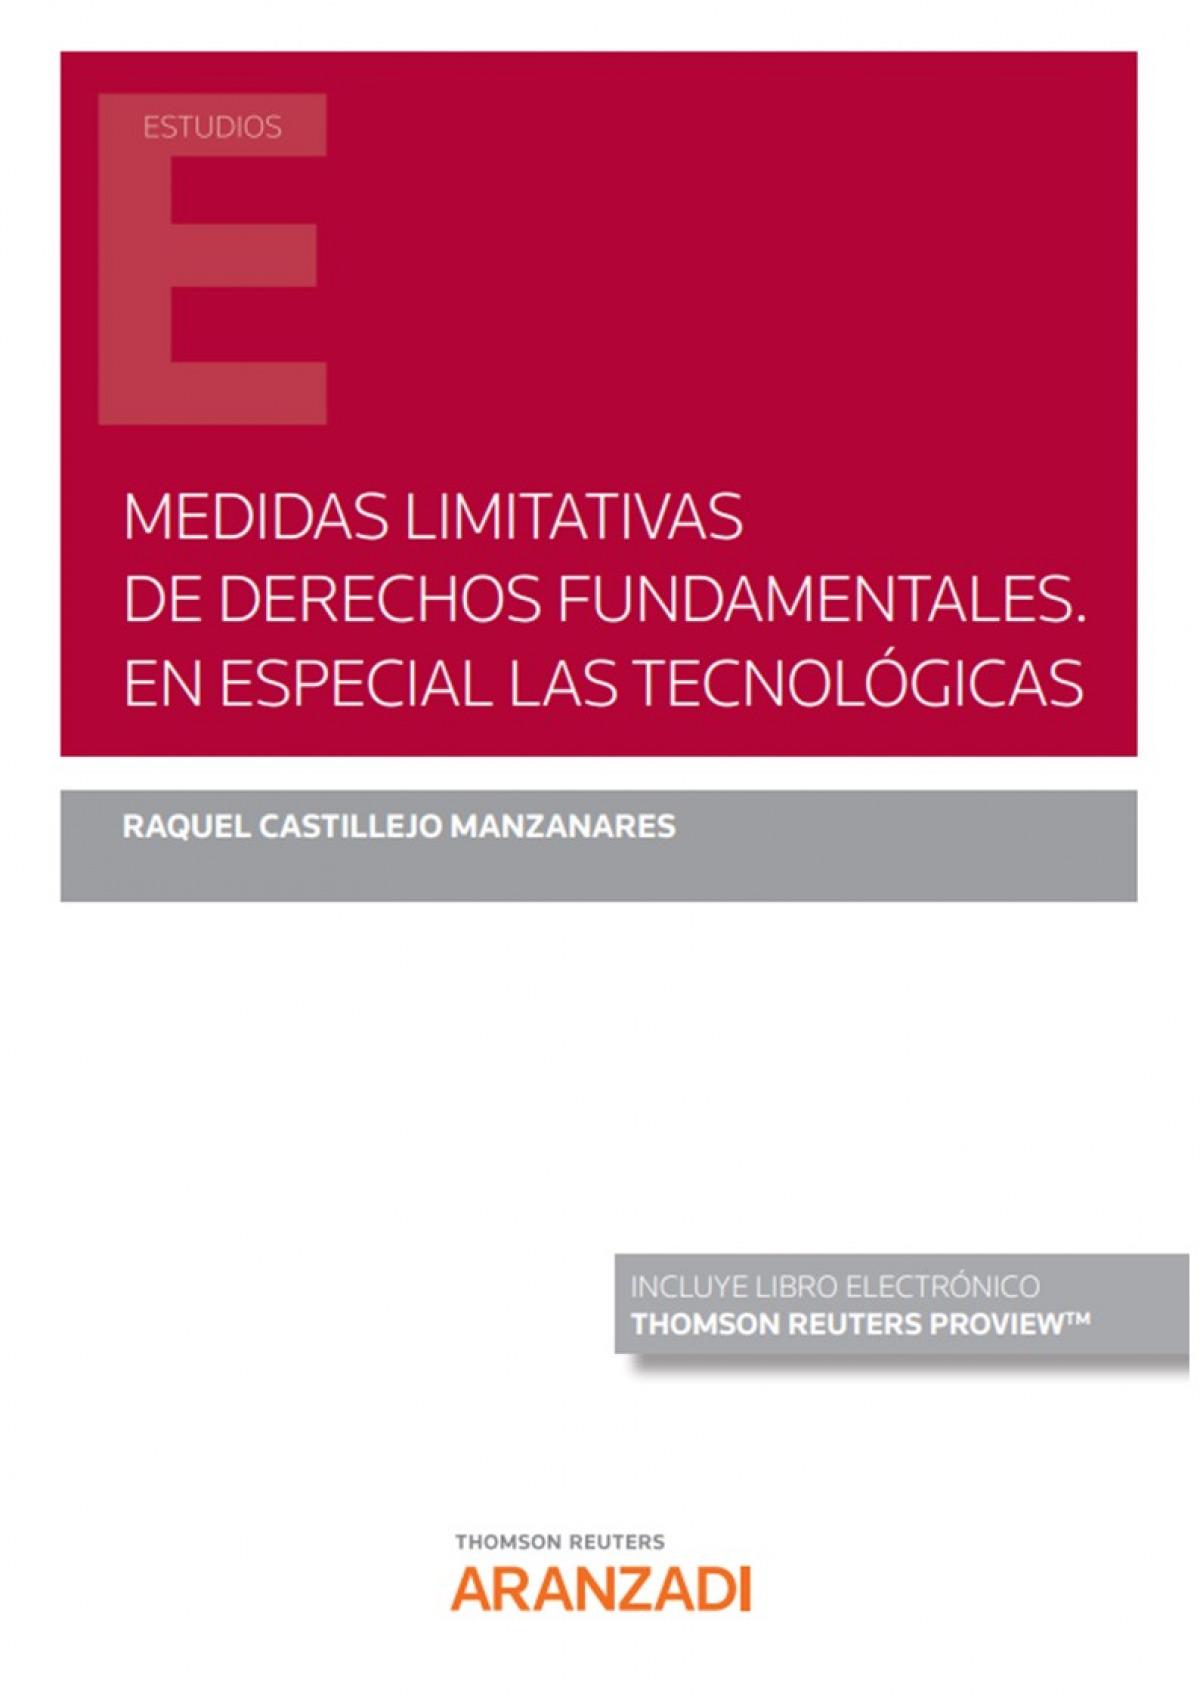 Medidas limitativas de derechos fundamentales.